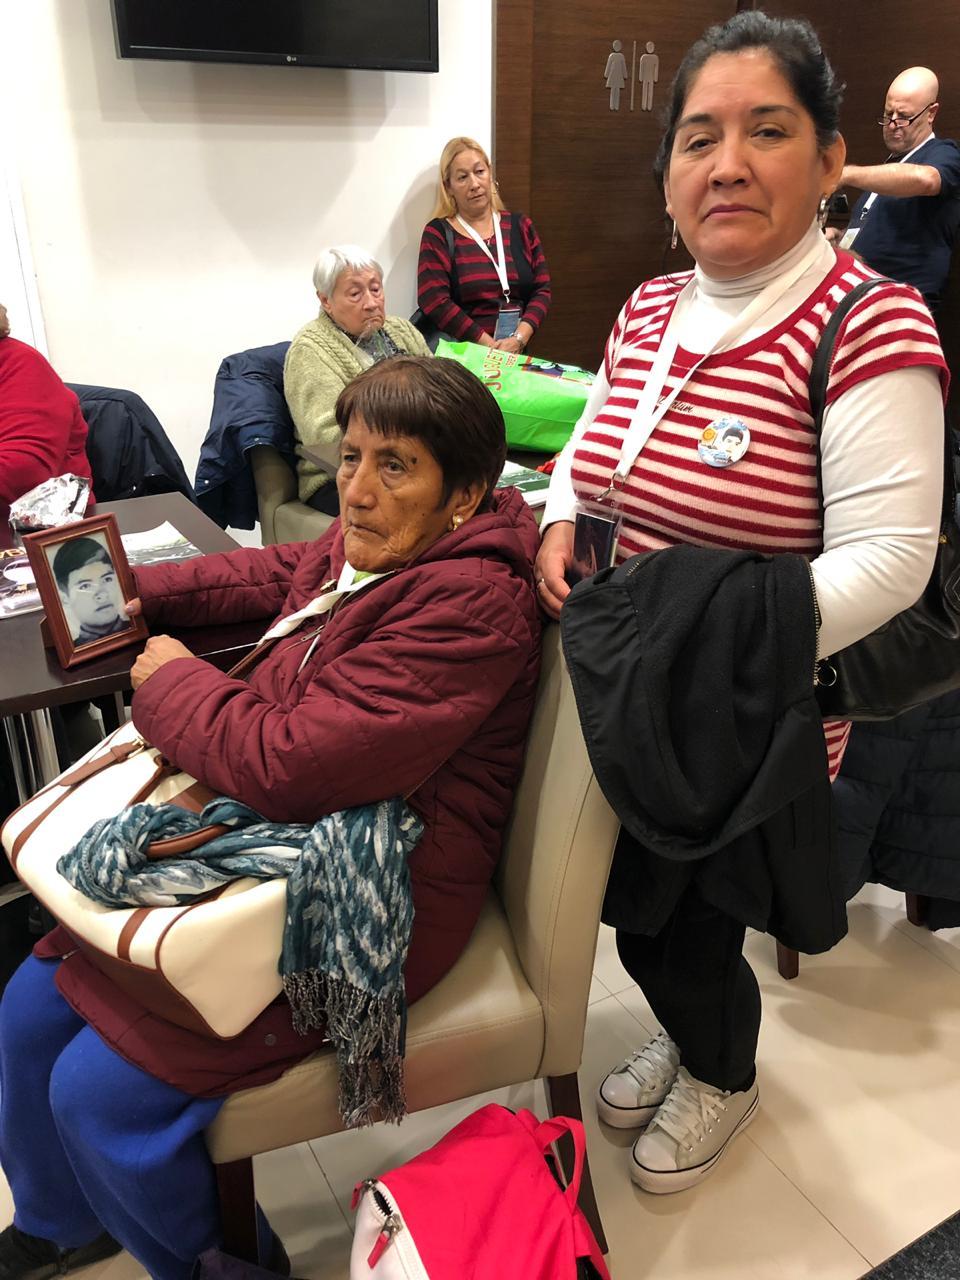 Cristina Lera y Miriam Cristina Sevilla, madre y hermana de Luis Guillermo Sevilla